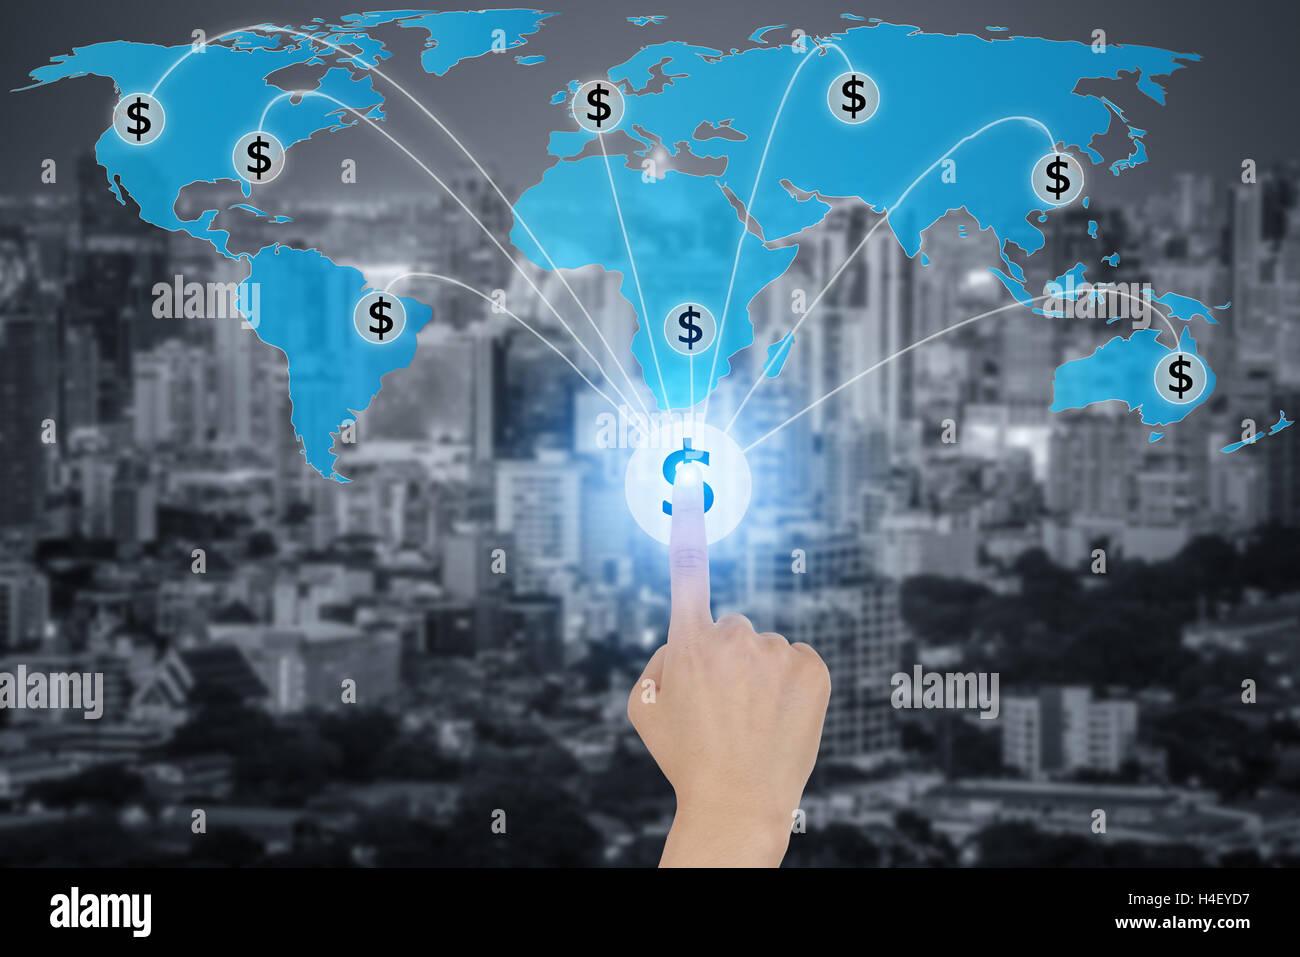 Appuyer sur la touche avec symboles de devises dollar connectés en réseau, concept de la finance mondiale Photo Stock